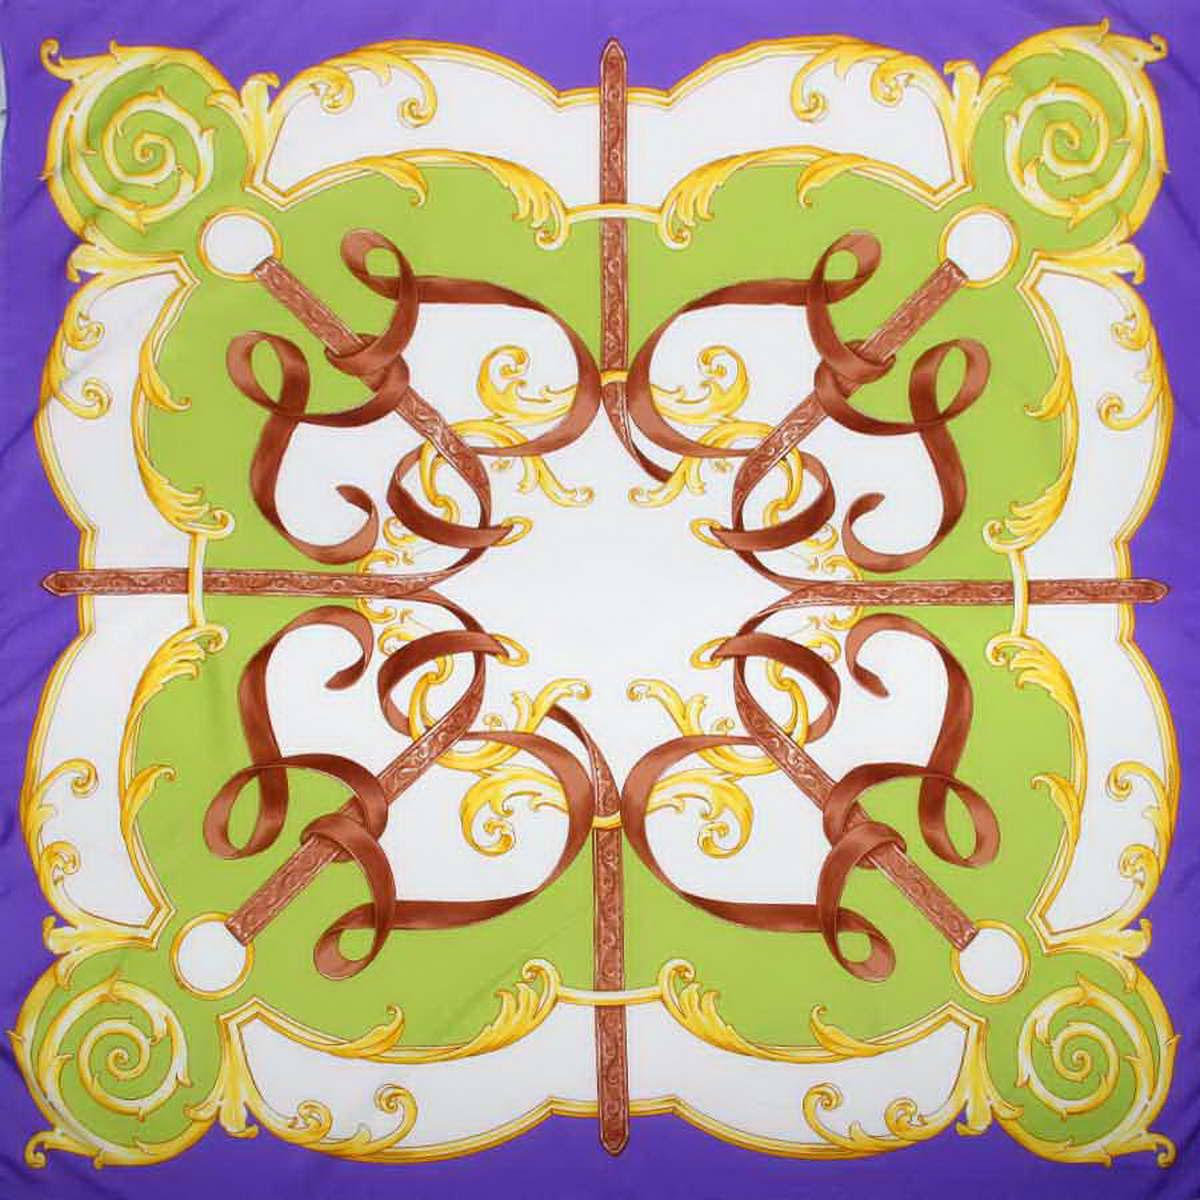 Платок женский Venera, цвет: сиреневый, зеленый, желтый. 3904972-7. Размер 90 см х 90 см3904972-7Женственный аксессуар, платок из полиэстера, нежный и легкий, приятный к коже и отлично драпируется, яркие оттенки очаровательных цветков внесут в Ваш образ очарование и шарм.